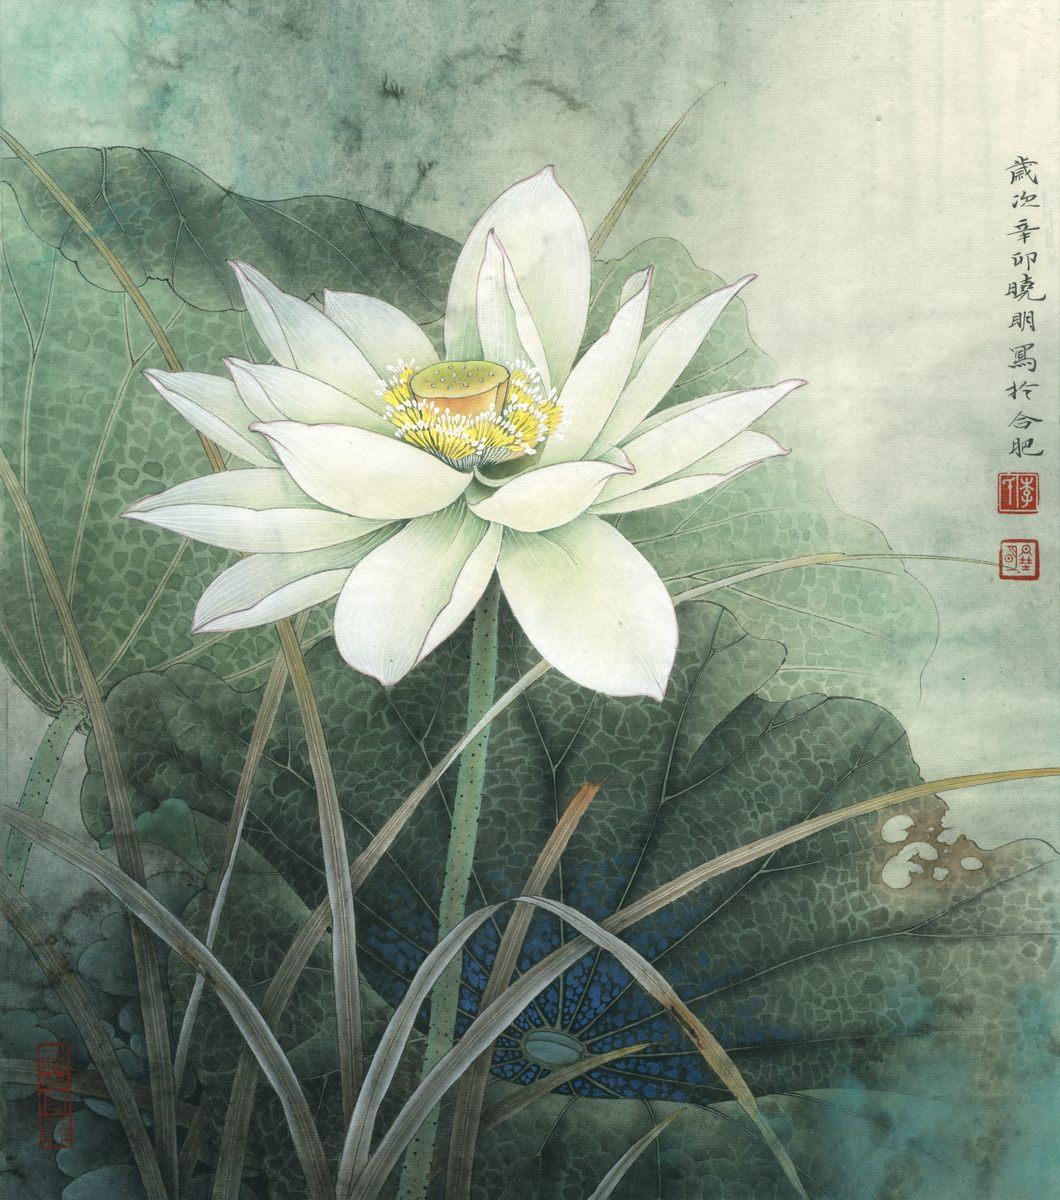 0241_中国画素材jpg格式_中式国画-荷花图2390_